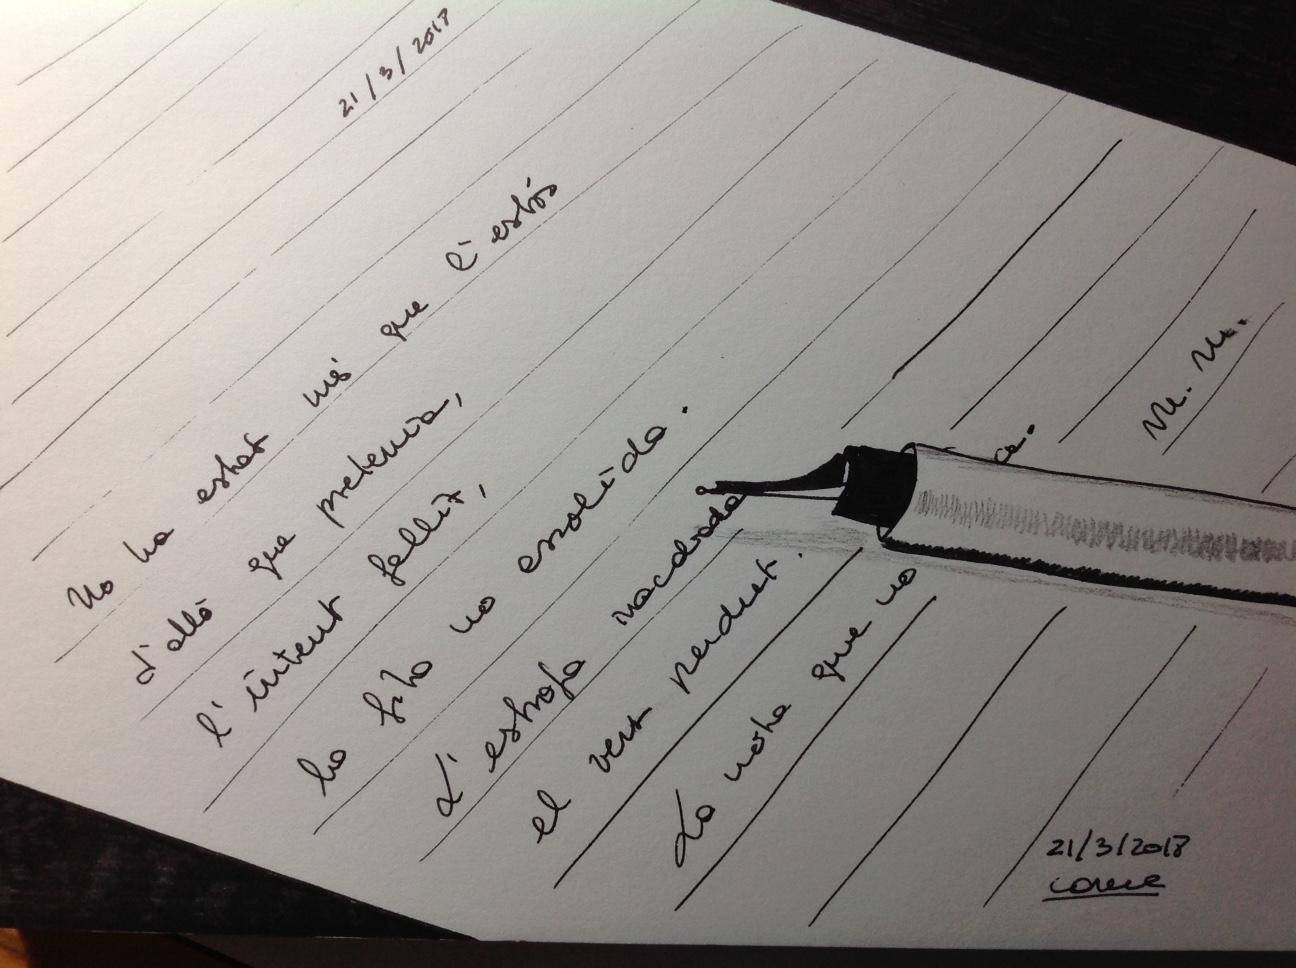 La carta del passat